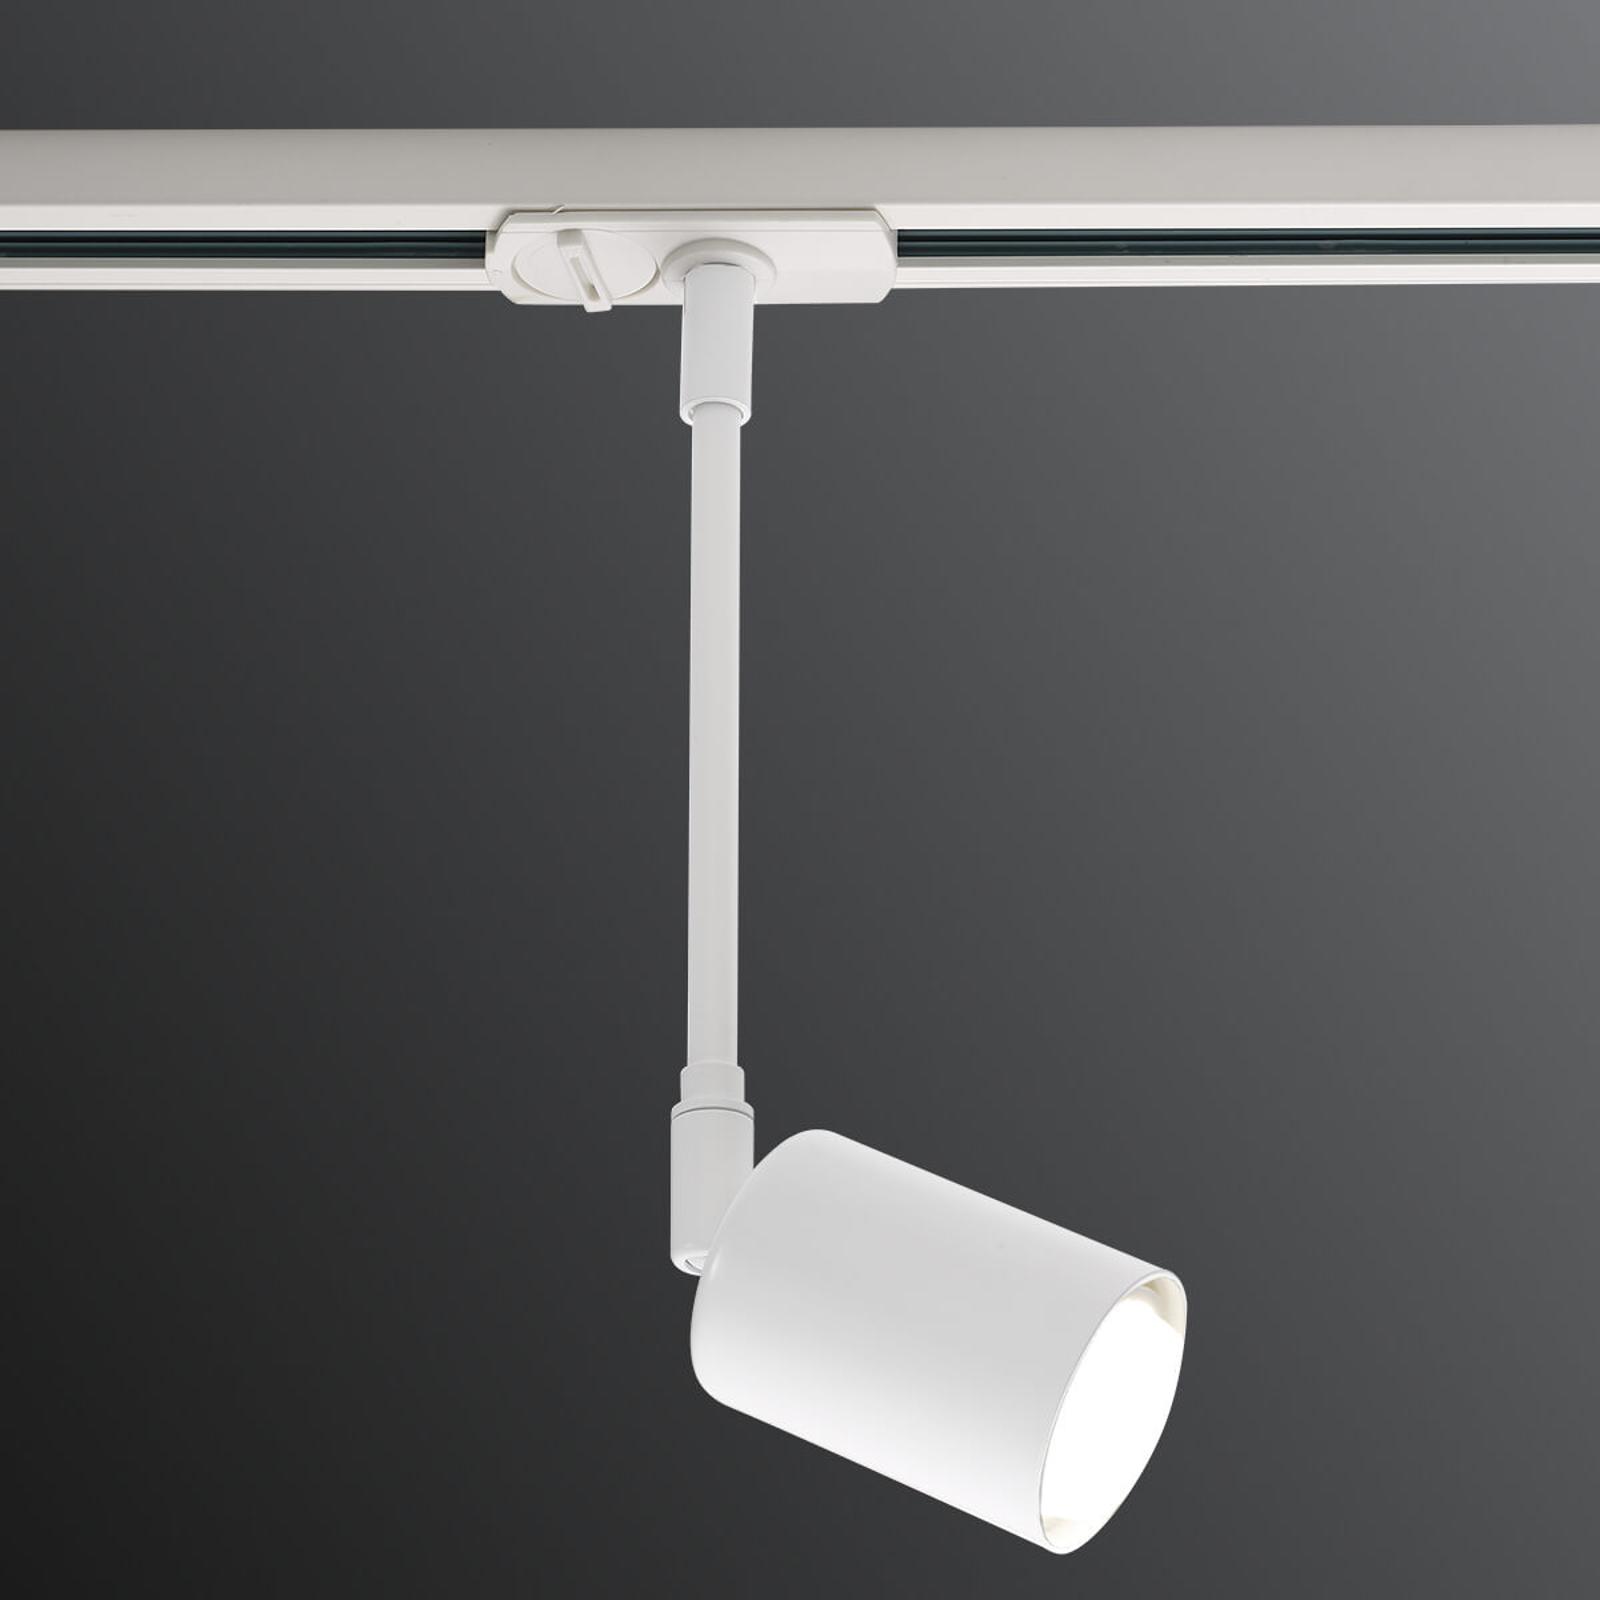 Svítidlo Explore pro lištový systém Link, bílé